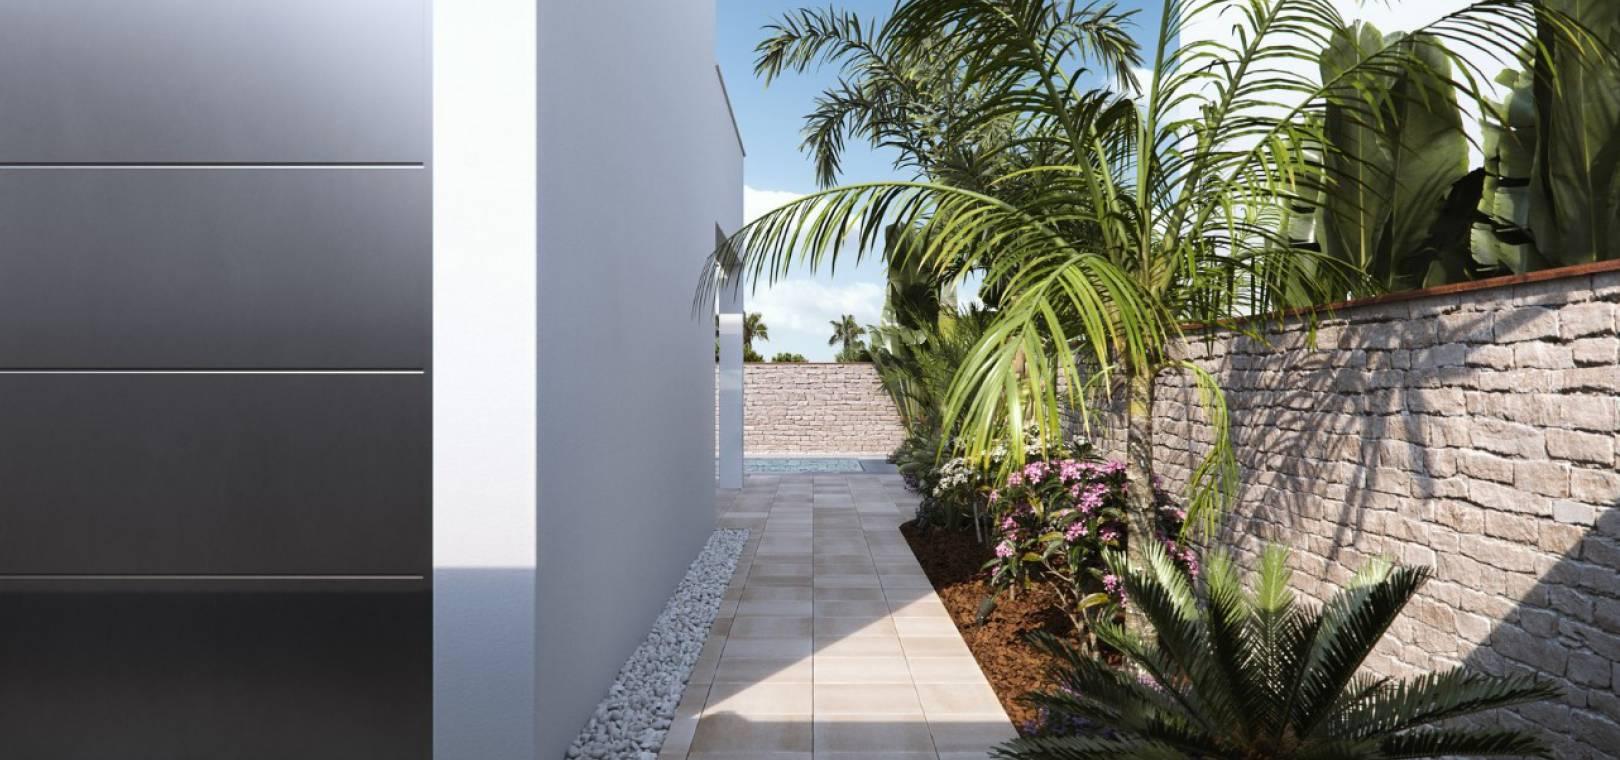 Torre_de_la_Horadada_New_Build_Luxury_Villas_For_Sale_nsp257_11